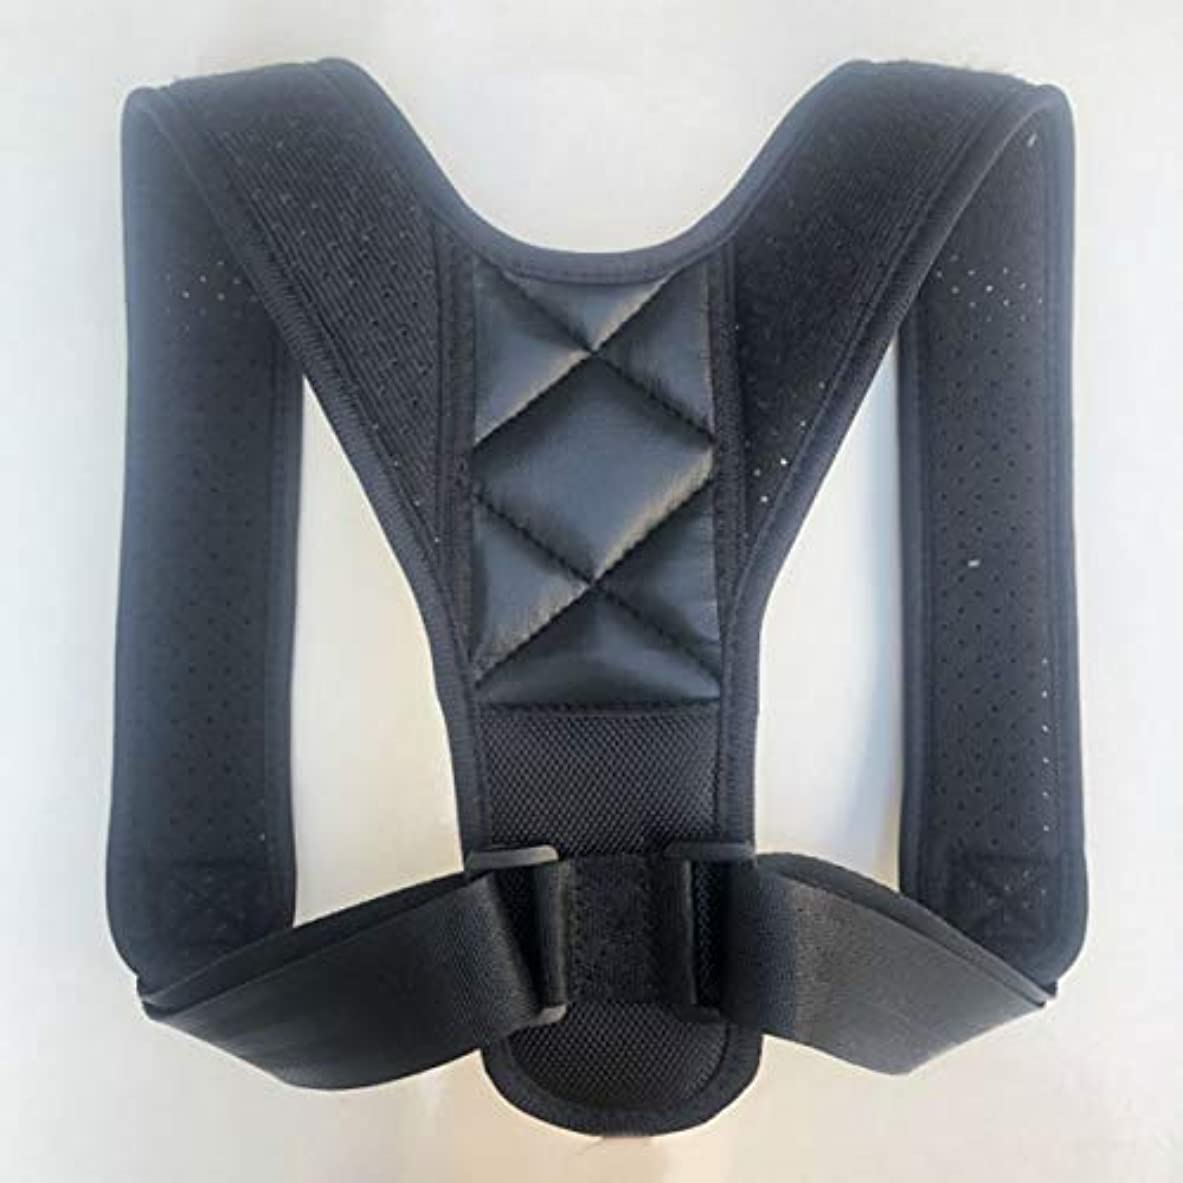 活性化アロング現金アッパーバックポスチャーコレクター姿勢鎖骨サポートコレクターバックストレートショルダーブレースストラップコレクター - ブラック